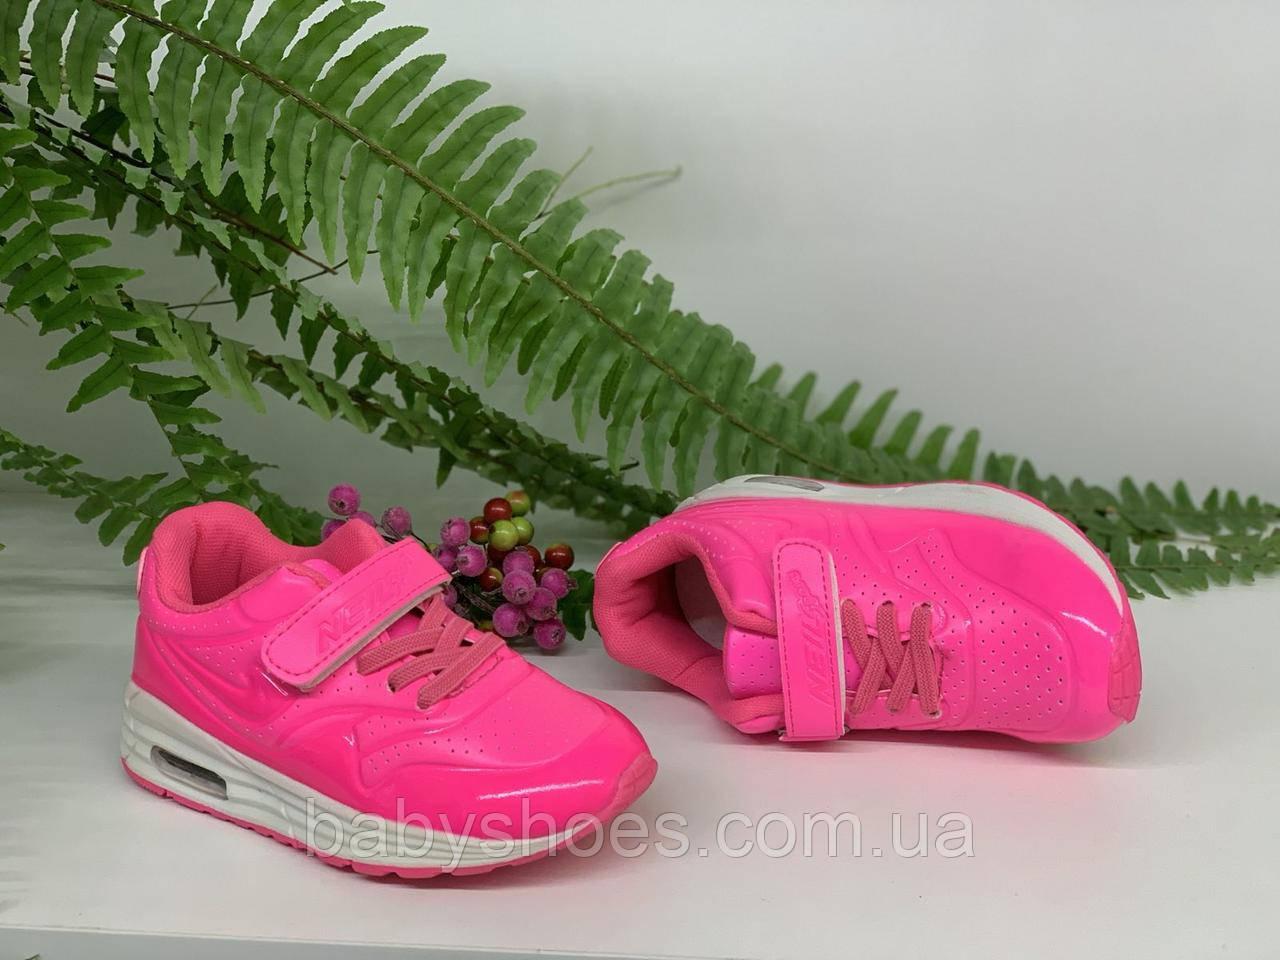 Кроссовки для девочки Jong Golf р.29, 32, 33 Арт.13, Арт.41